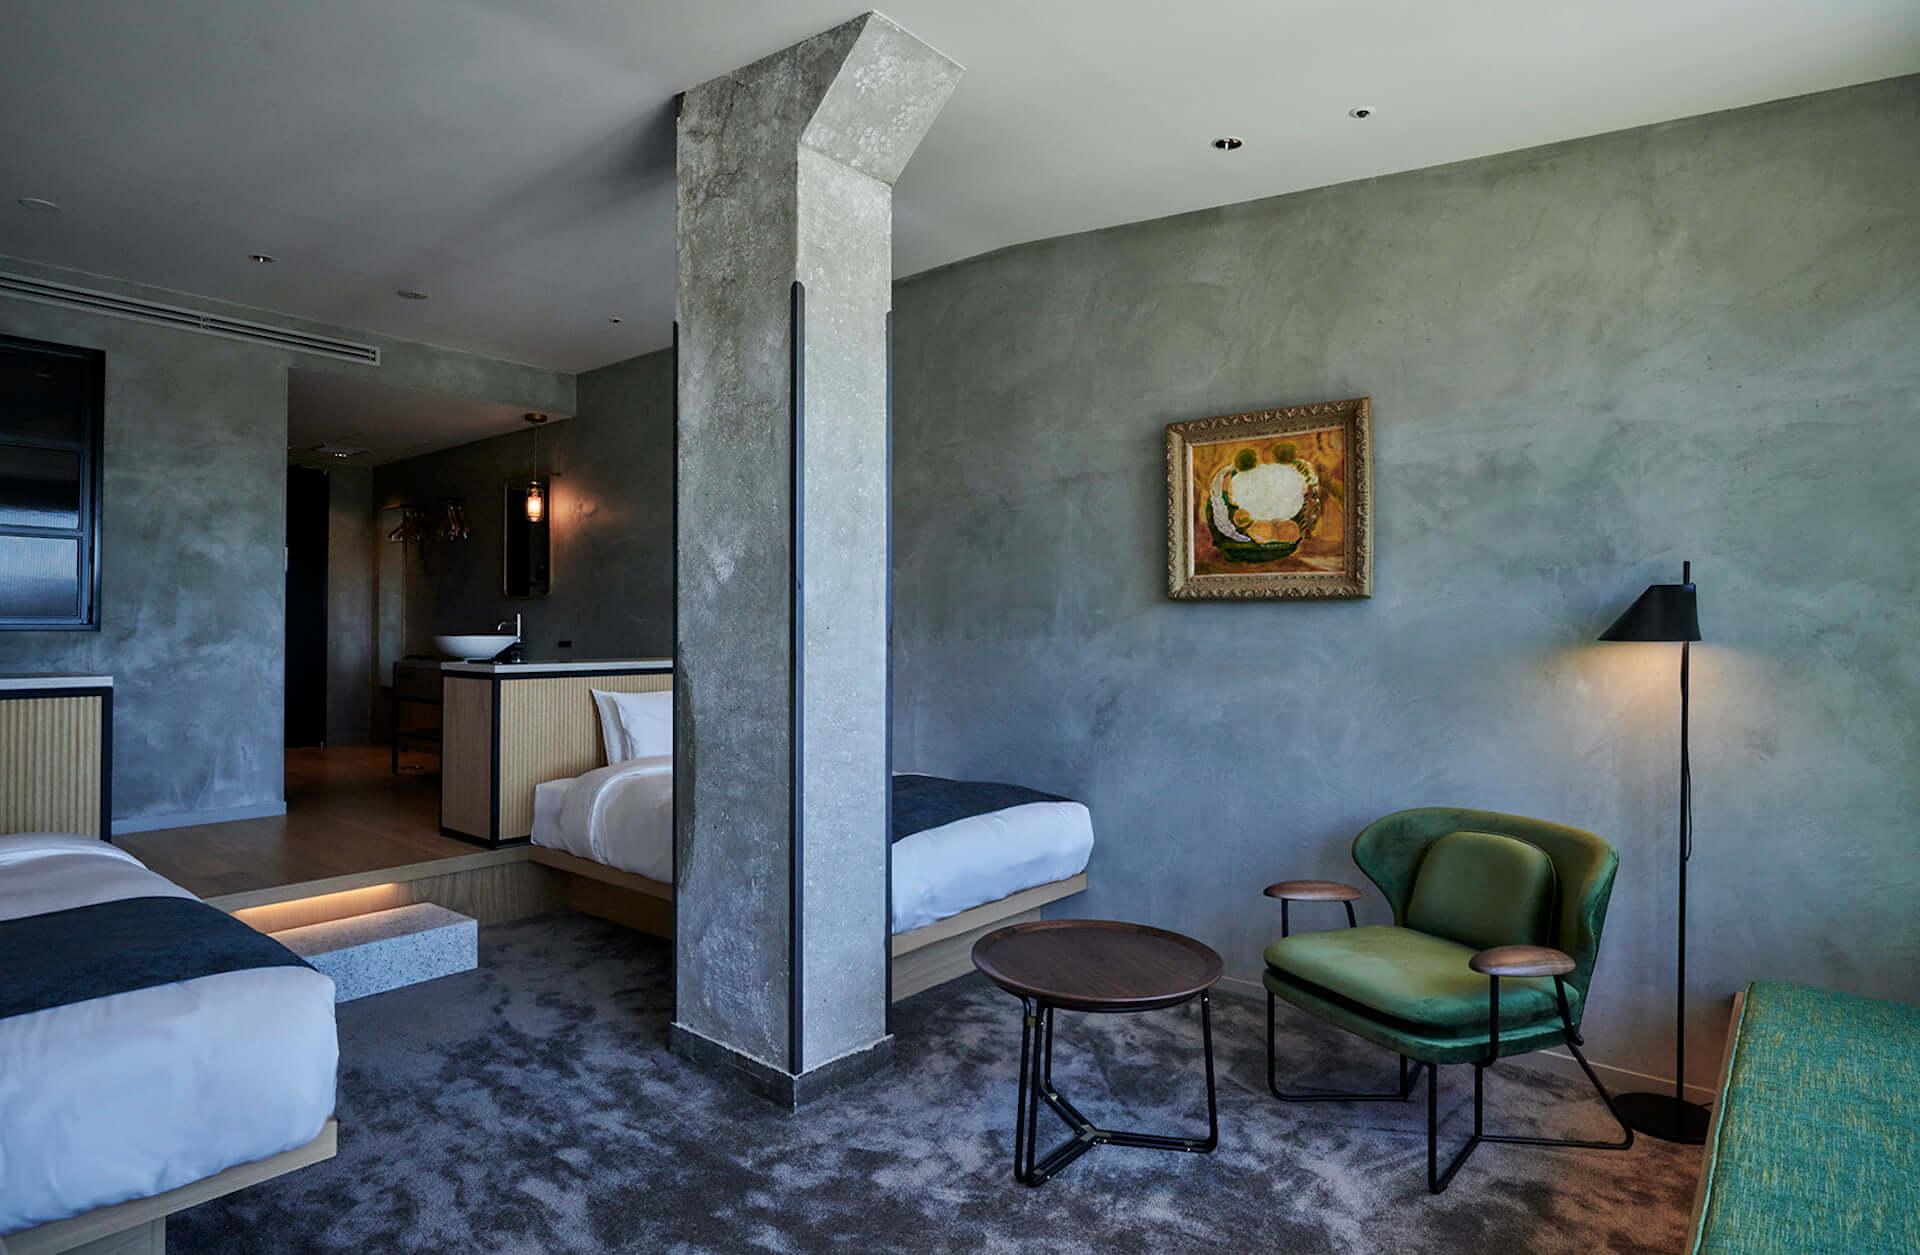 アートと共に豪華和食やフレンチの重箱を堪能しよう!ホテル「THE TOWER HOTEL NAGOYA」に期間限定の一泊二食プランが登場 lf210120_thetowerhotel_3-1920x1255